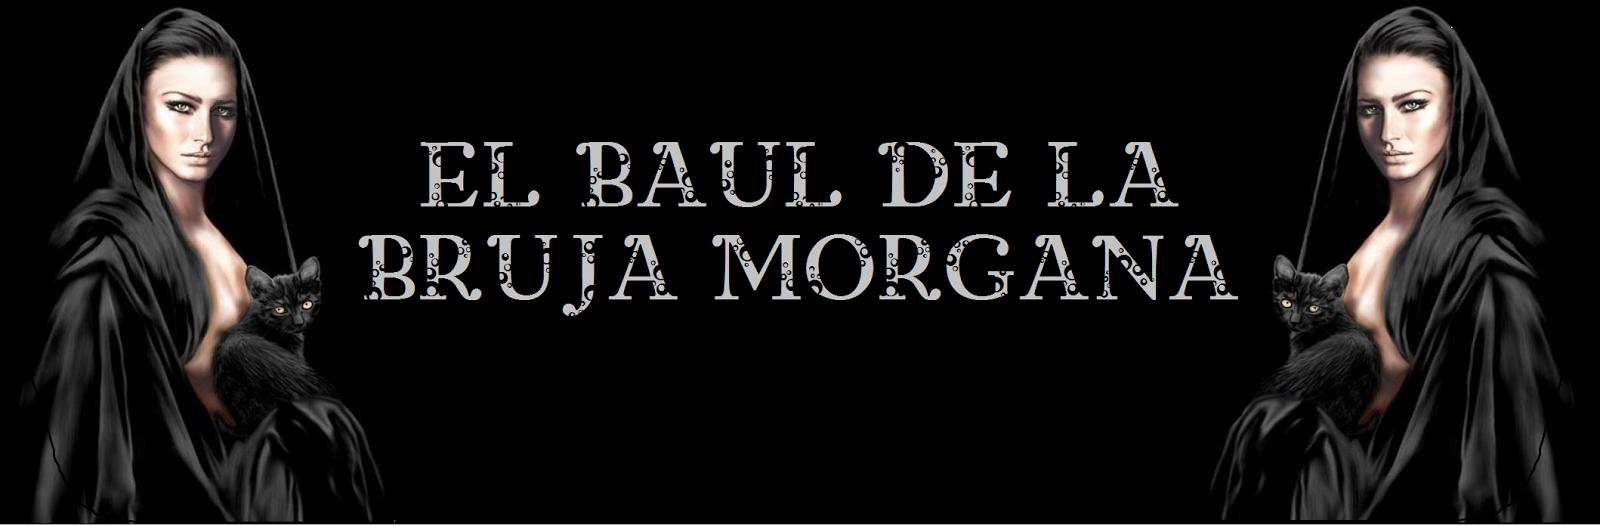 El baul de la Bruja Morgana